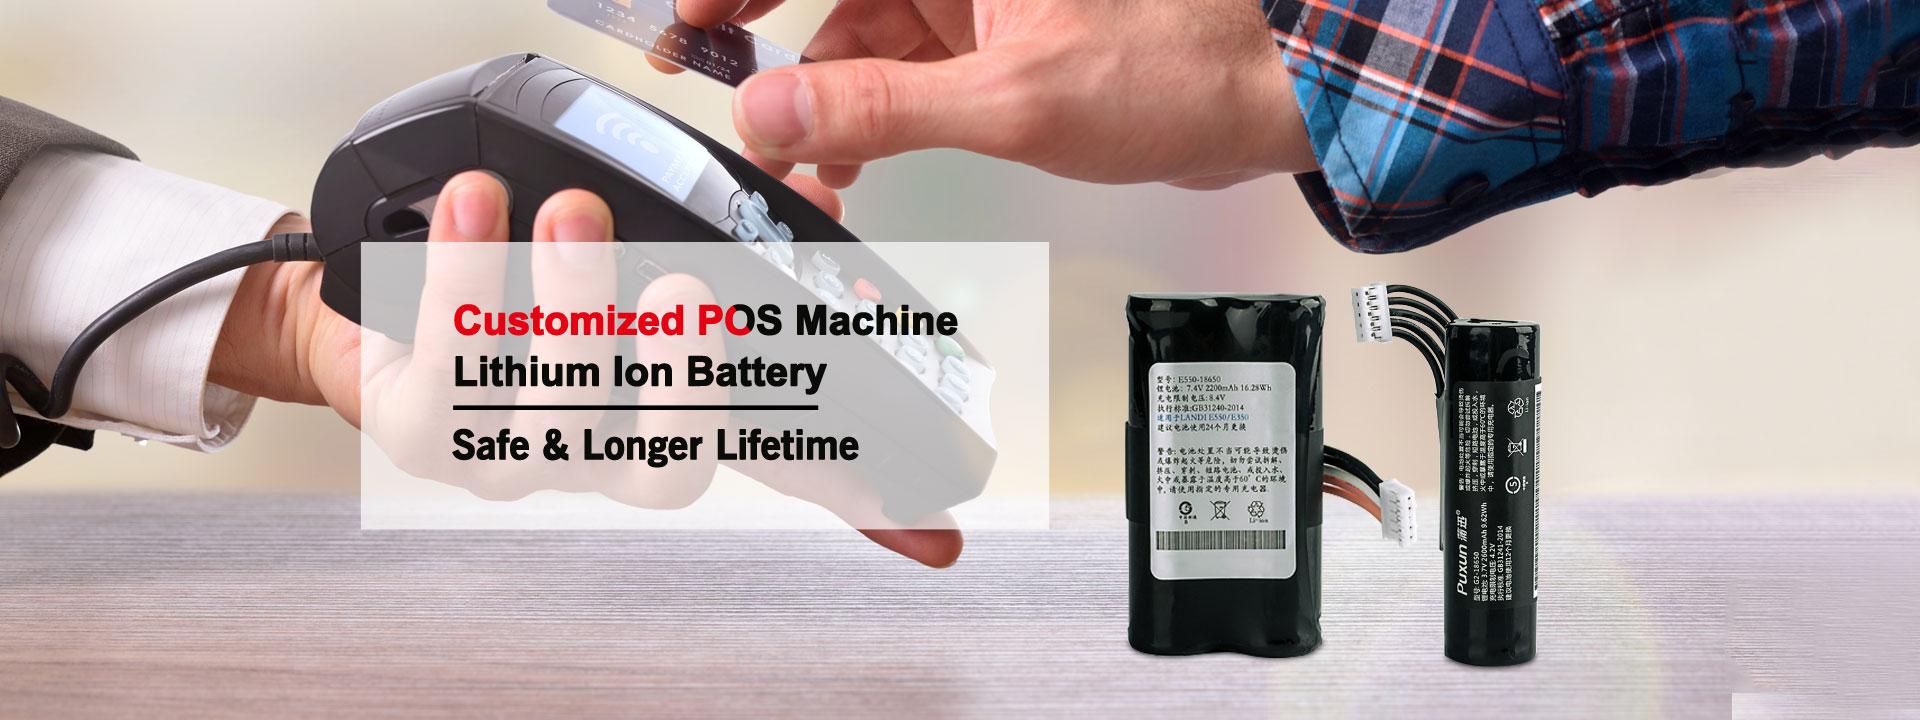 Bateria da máquina POS